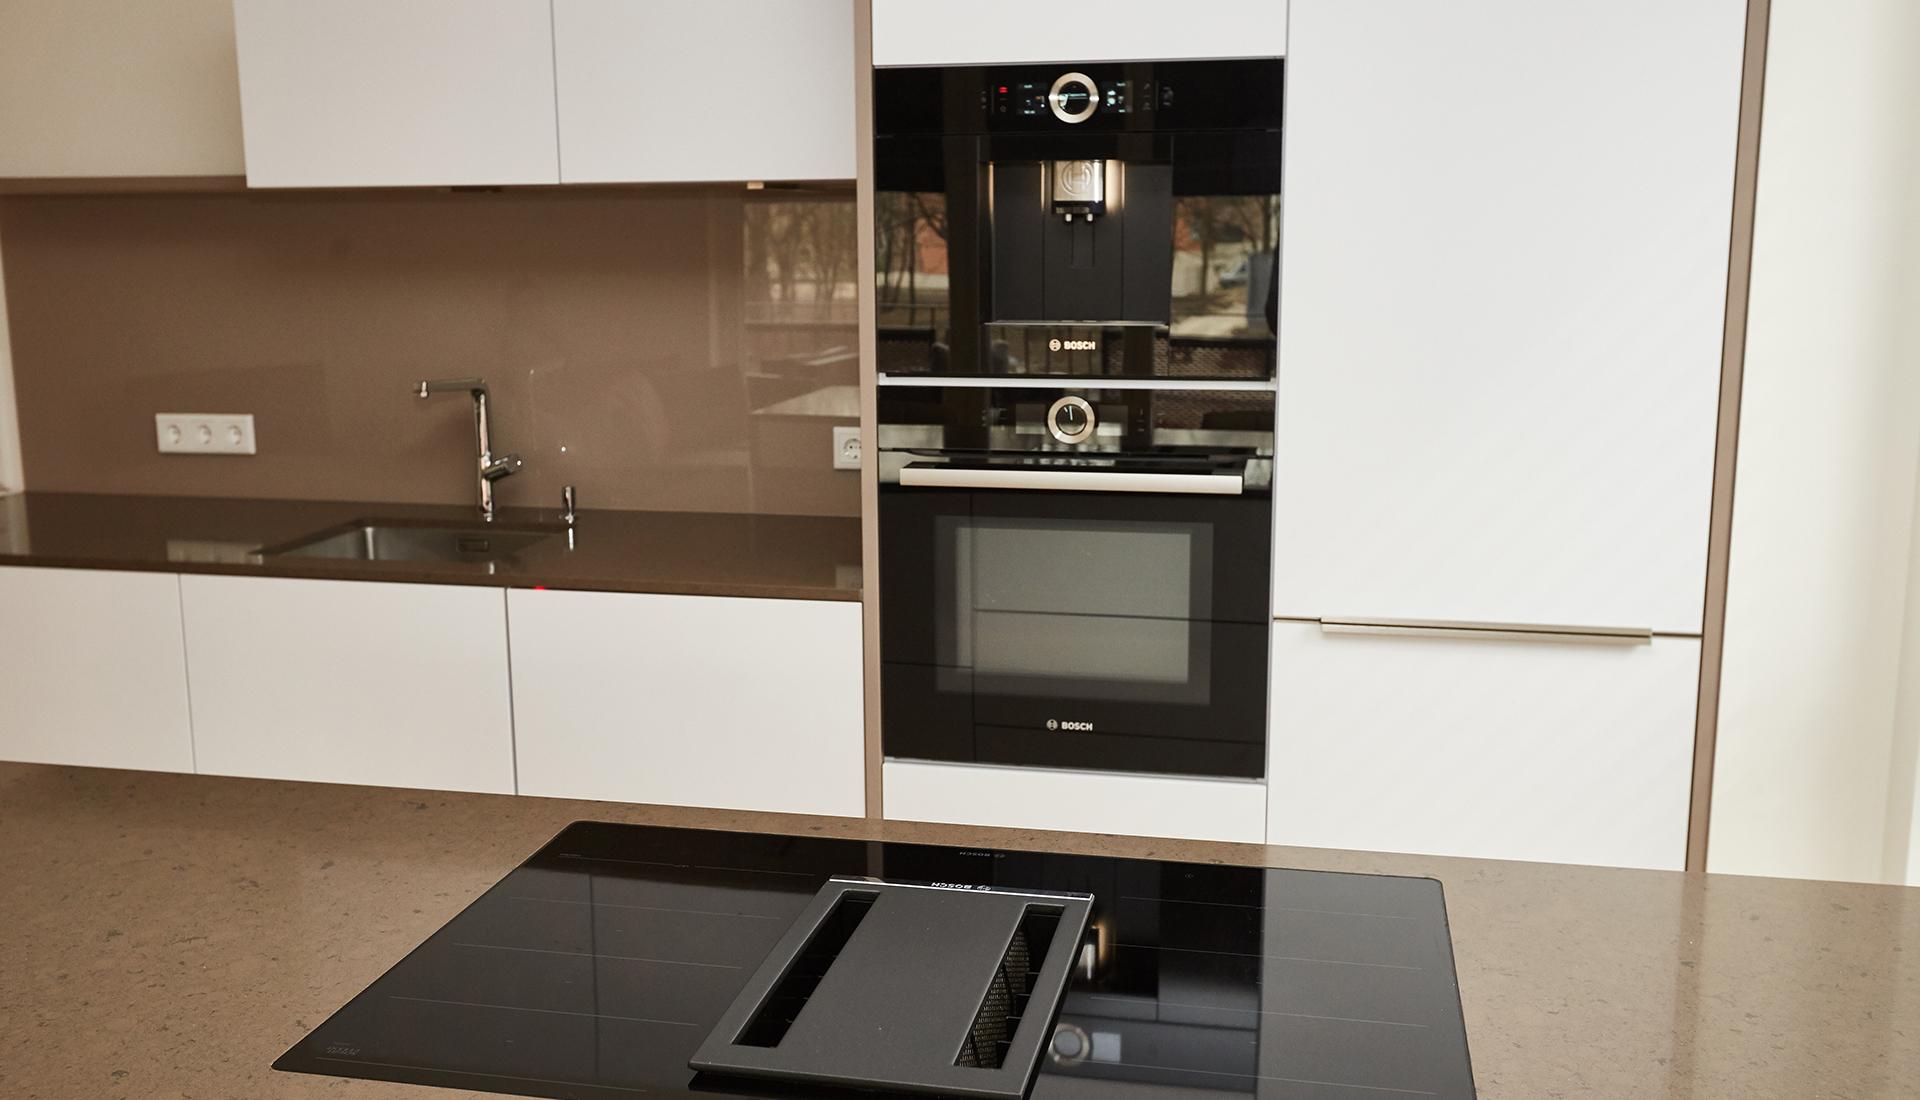 Ziemlich Küche Entwirft Ideen Bilder Ideen - Küchenschrank Ideen ...